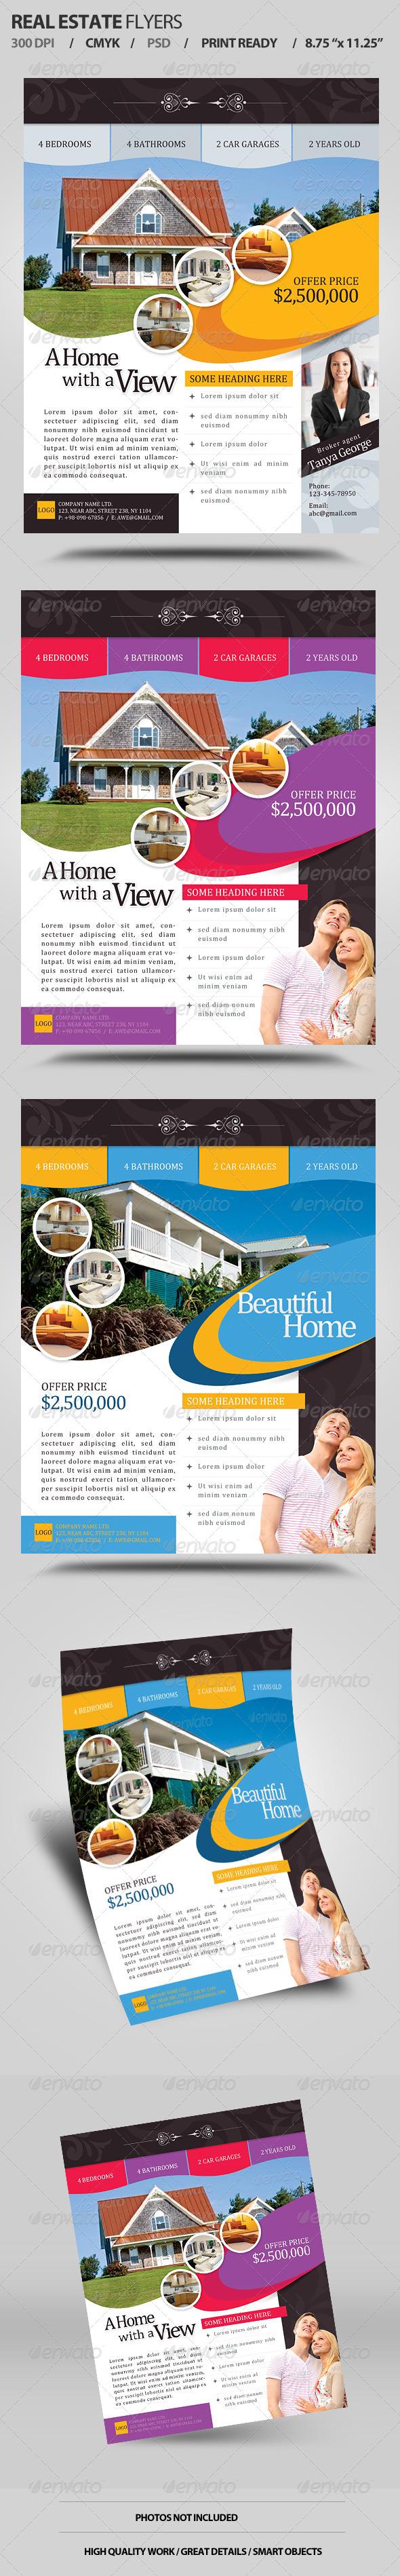 GraphicRiver Real Estate Flyers V1 6219488